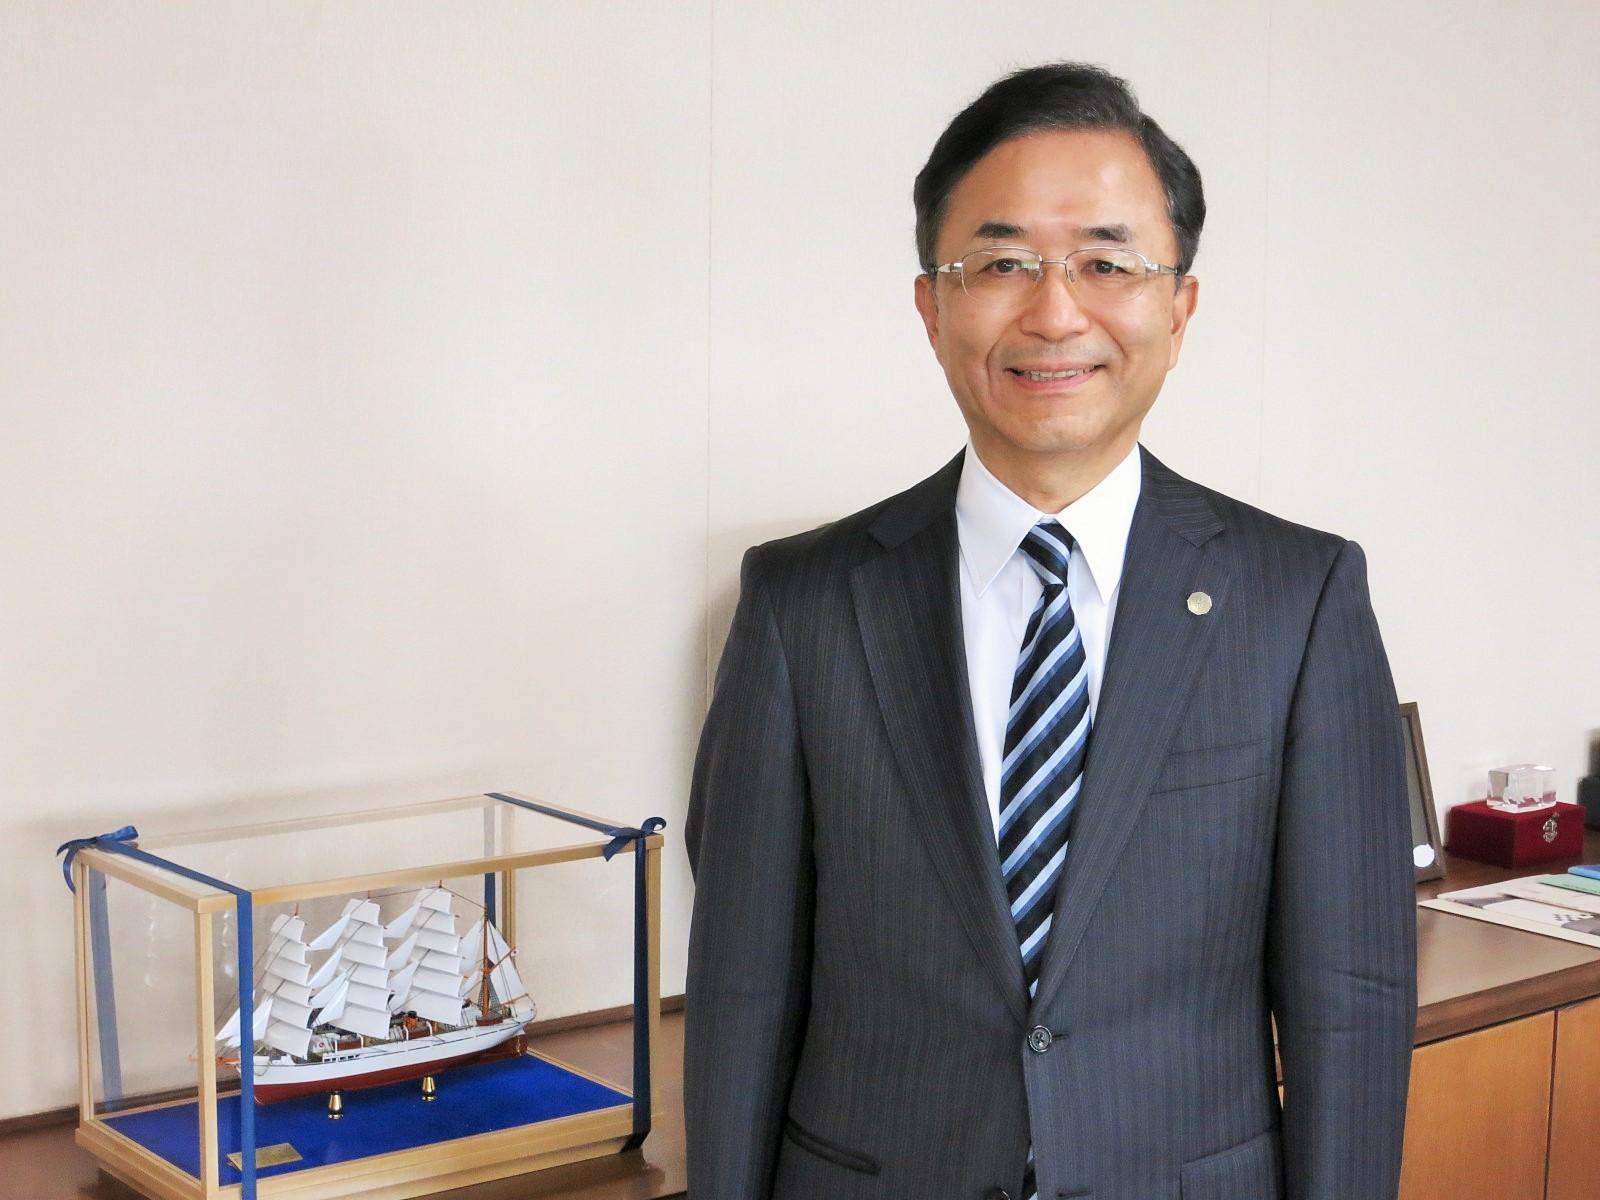 東京家庭裁判所長の紹介 | 裁判所